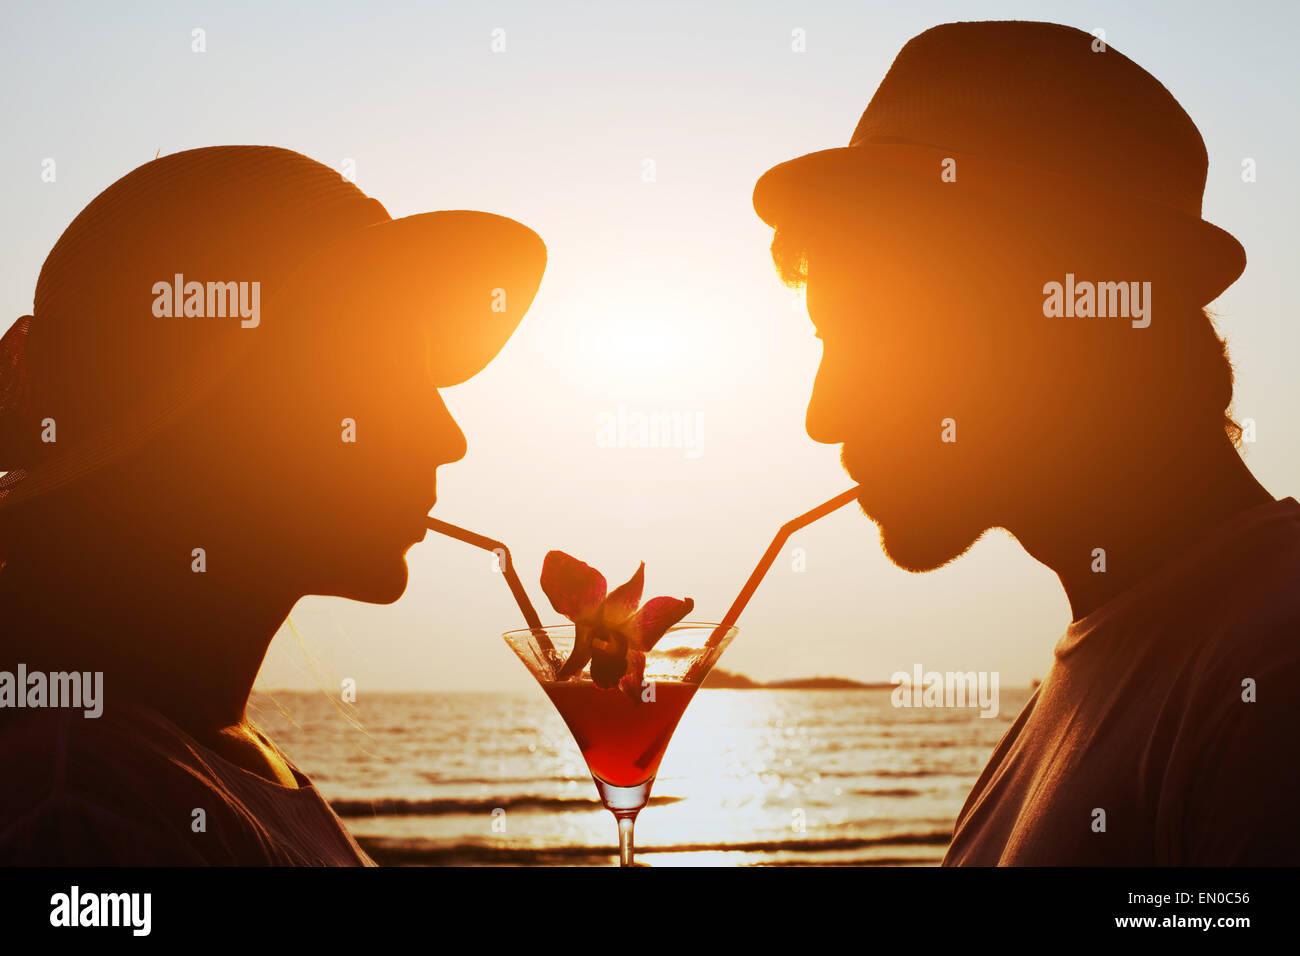 Party Time, pareja de beber cócteles en la playa juntos durante su luna de miel Imagen De Stock